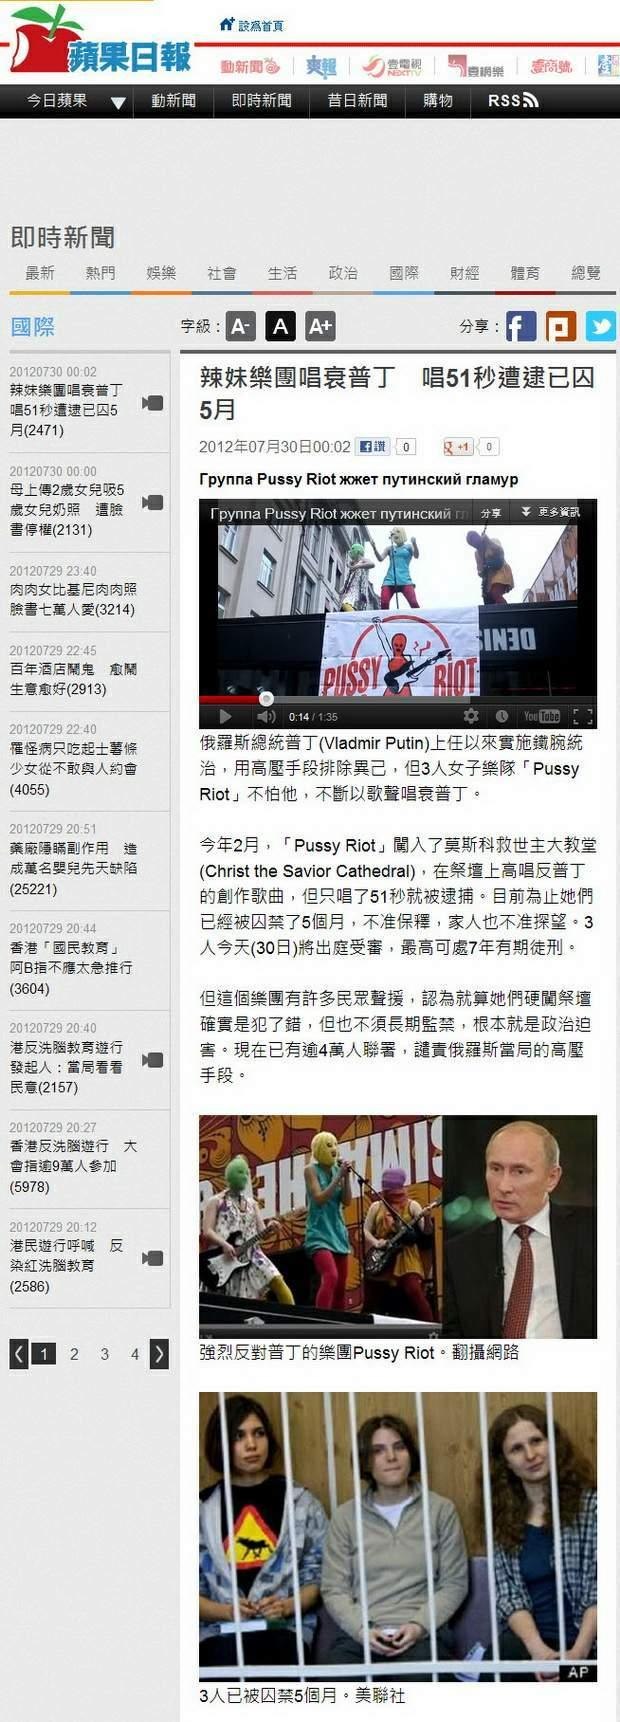 辣妹樂團唱衰普丁 唱51秒遭逮已囚5月-2012.07.30